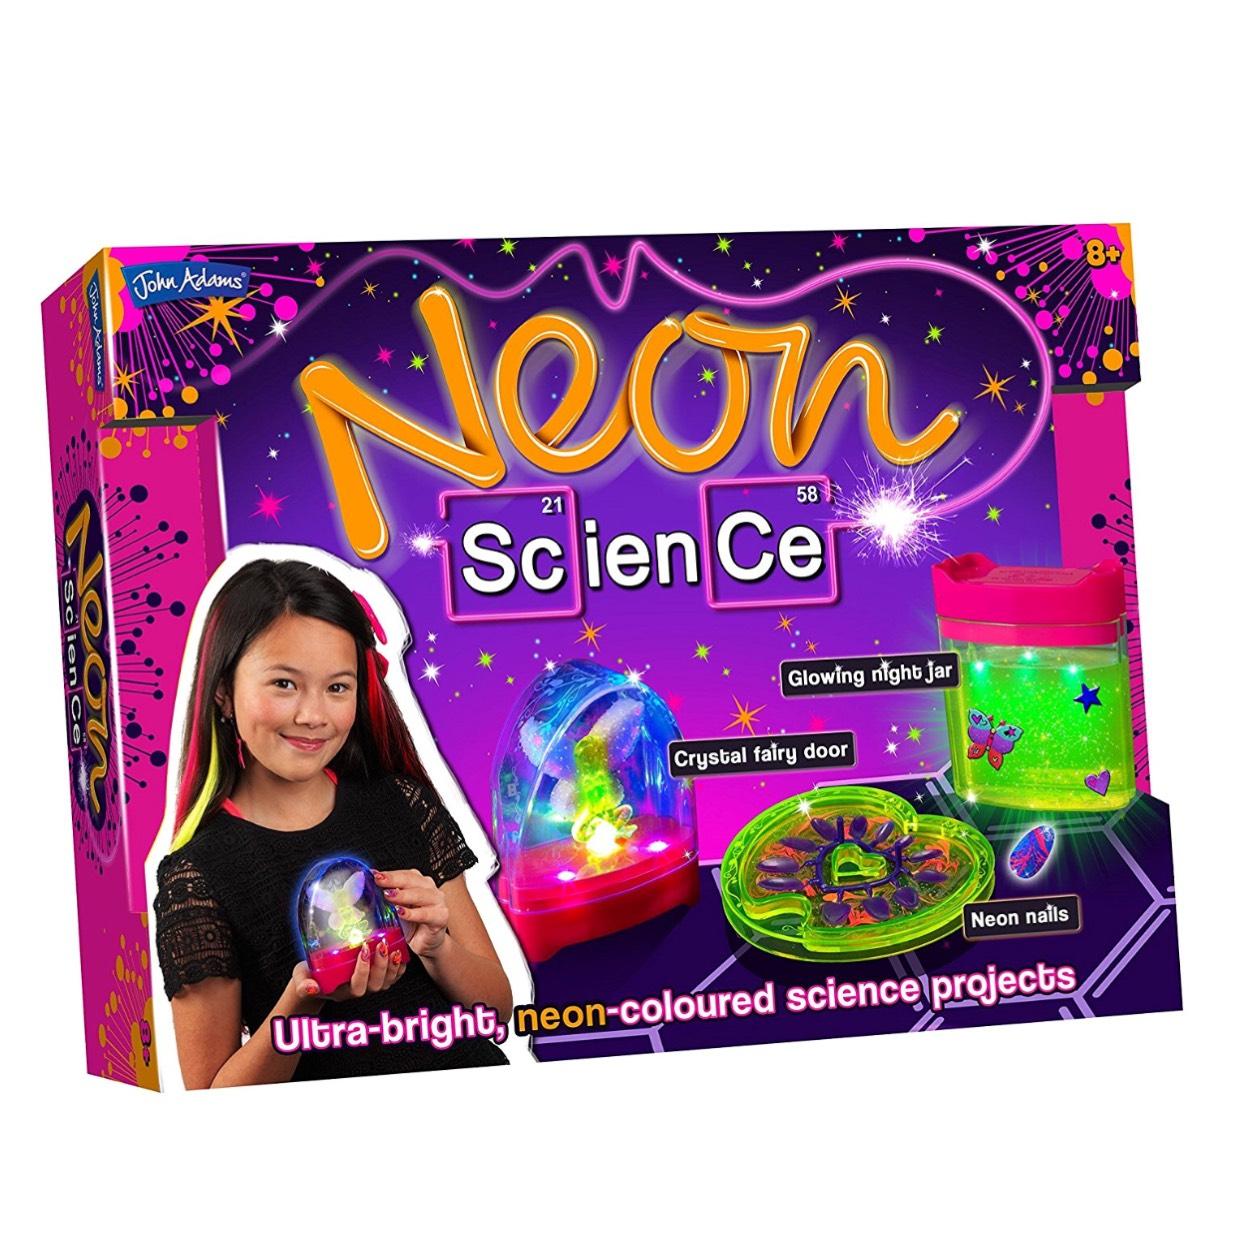 John Adams Neon Science Toy (Multi-Colour) £9.20 (Prime) / £13.95 (non Prime) at Amazon